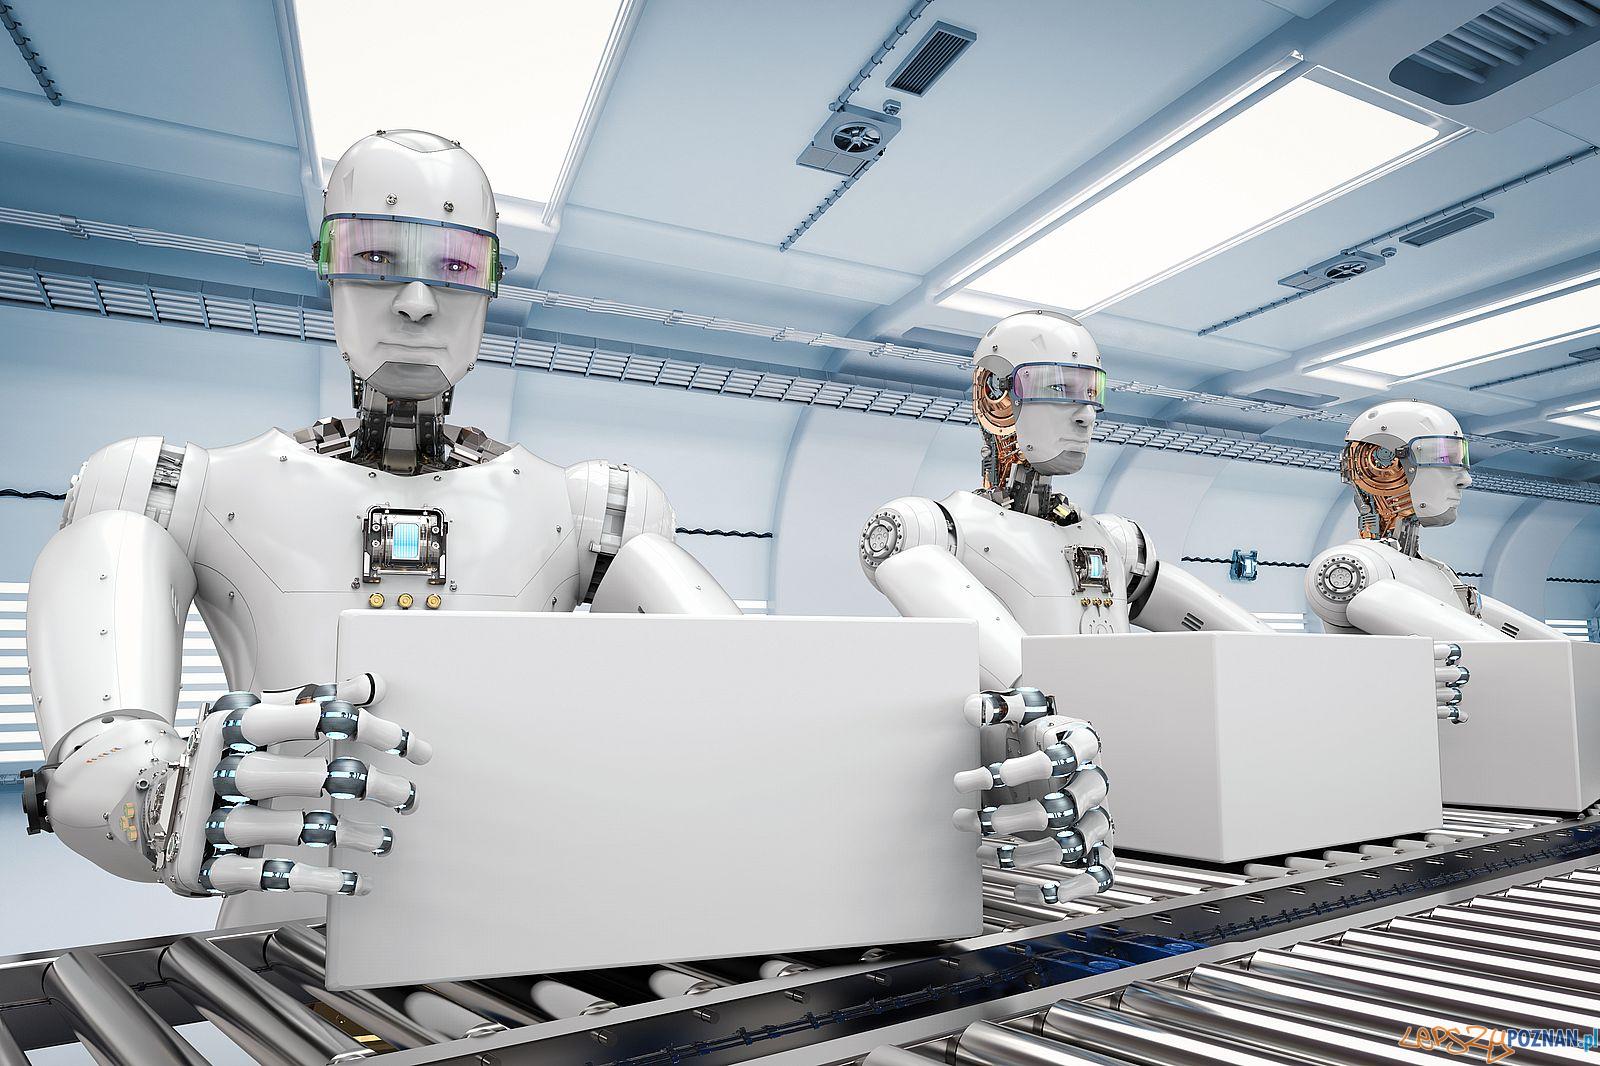 Nowe technologie - roboty i sztuczna inteligencja  Foto: materiały prasowe